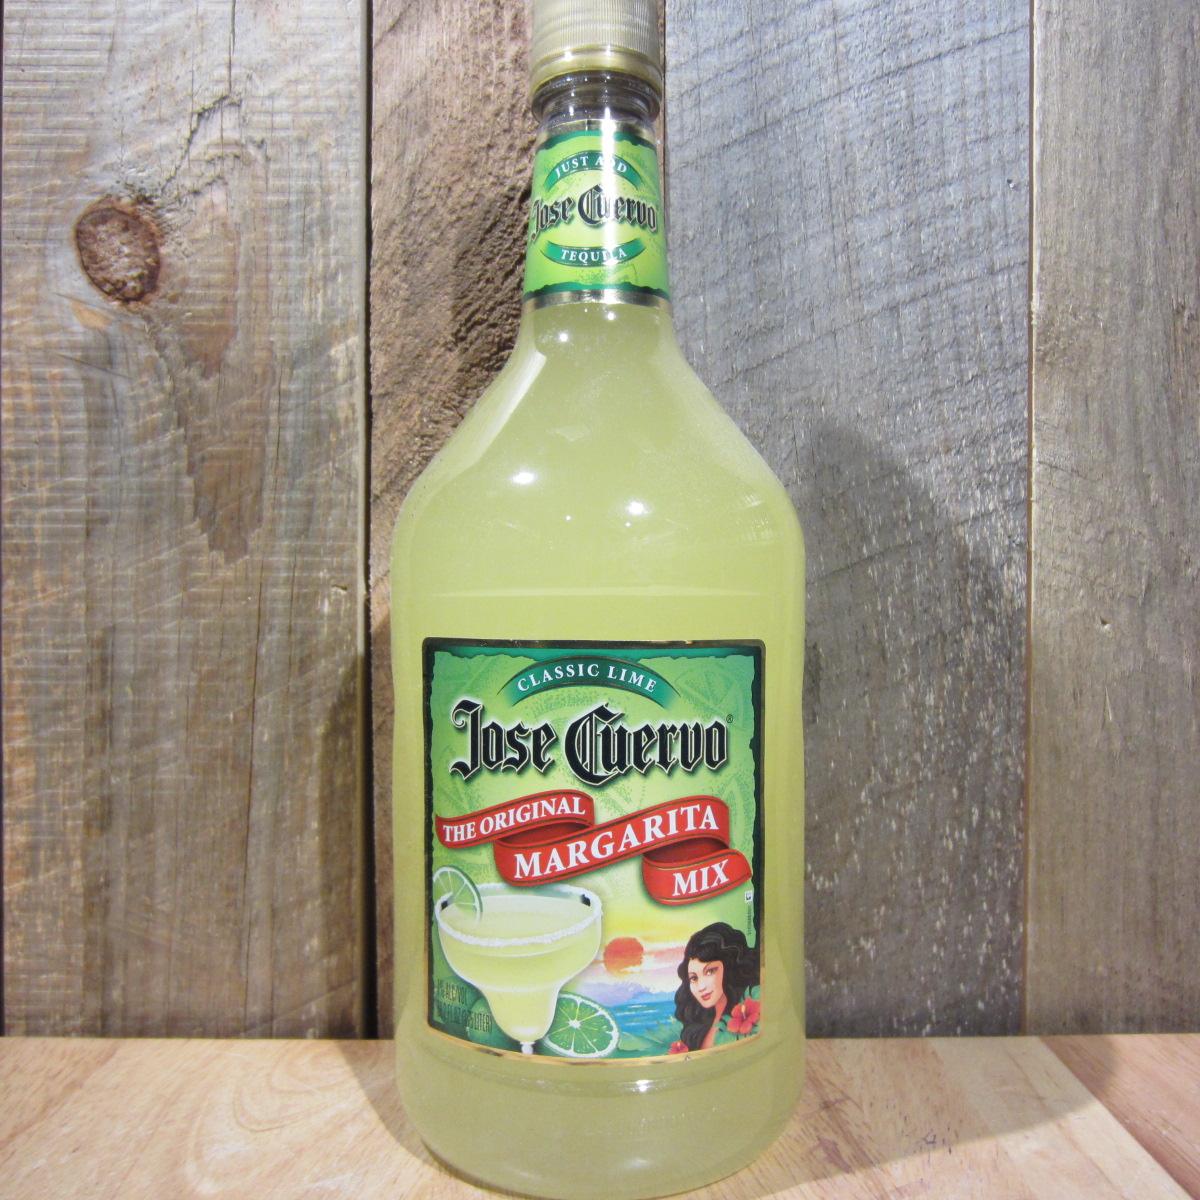 Cuervo Margarita Mix 1.75L